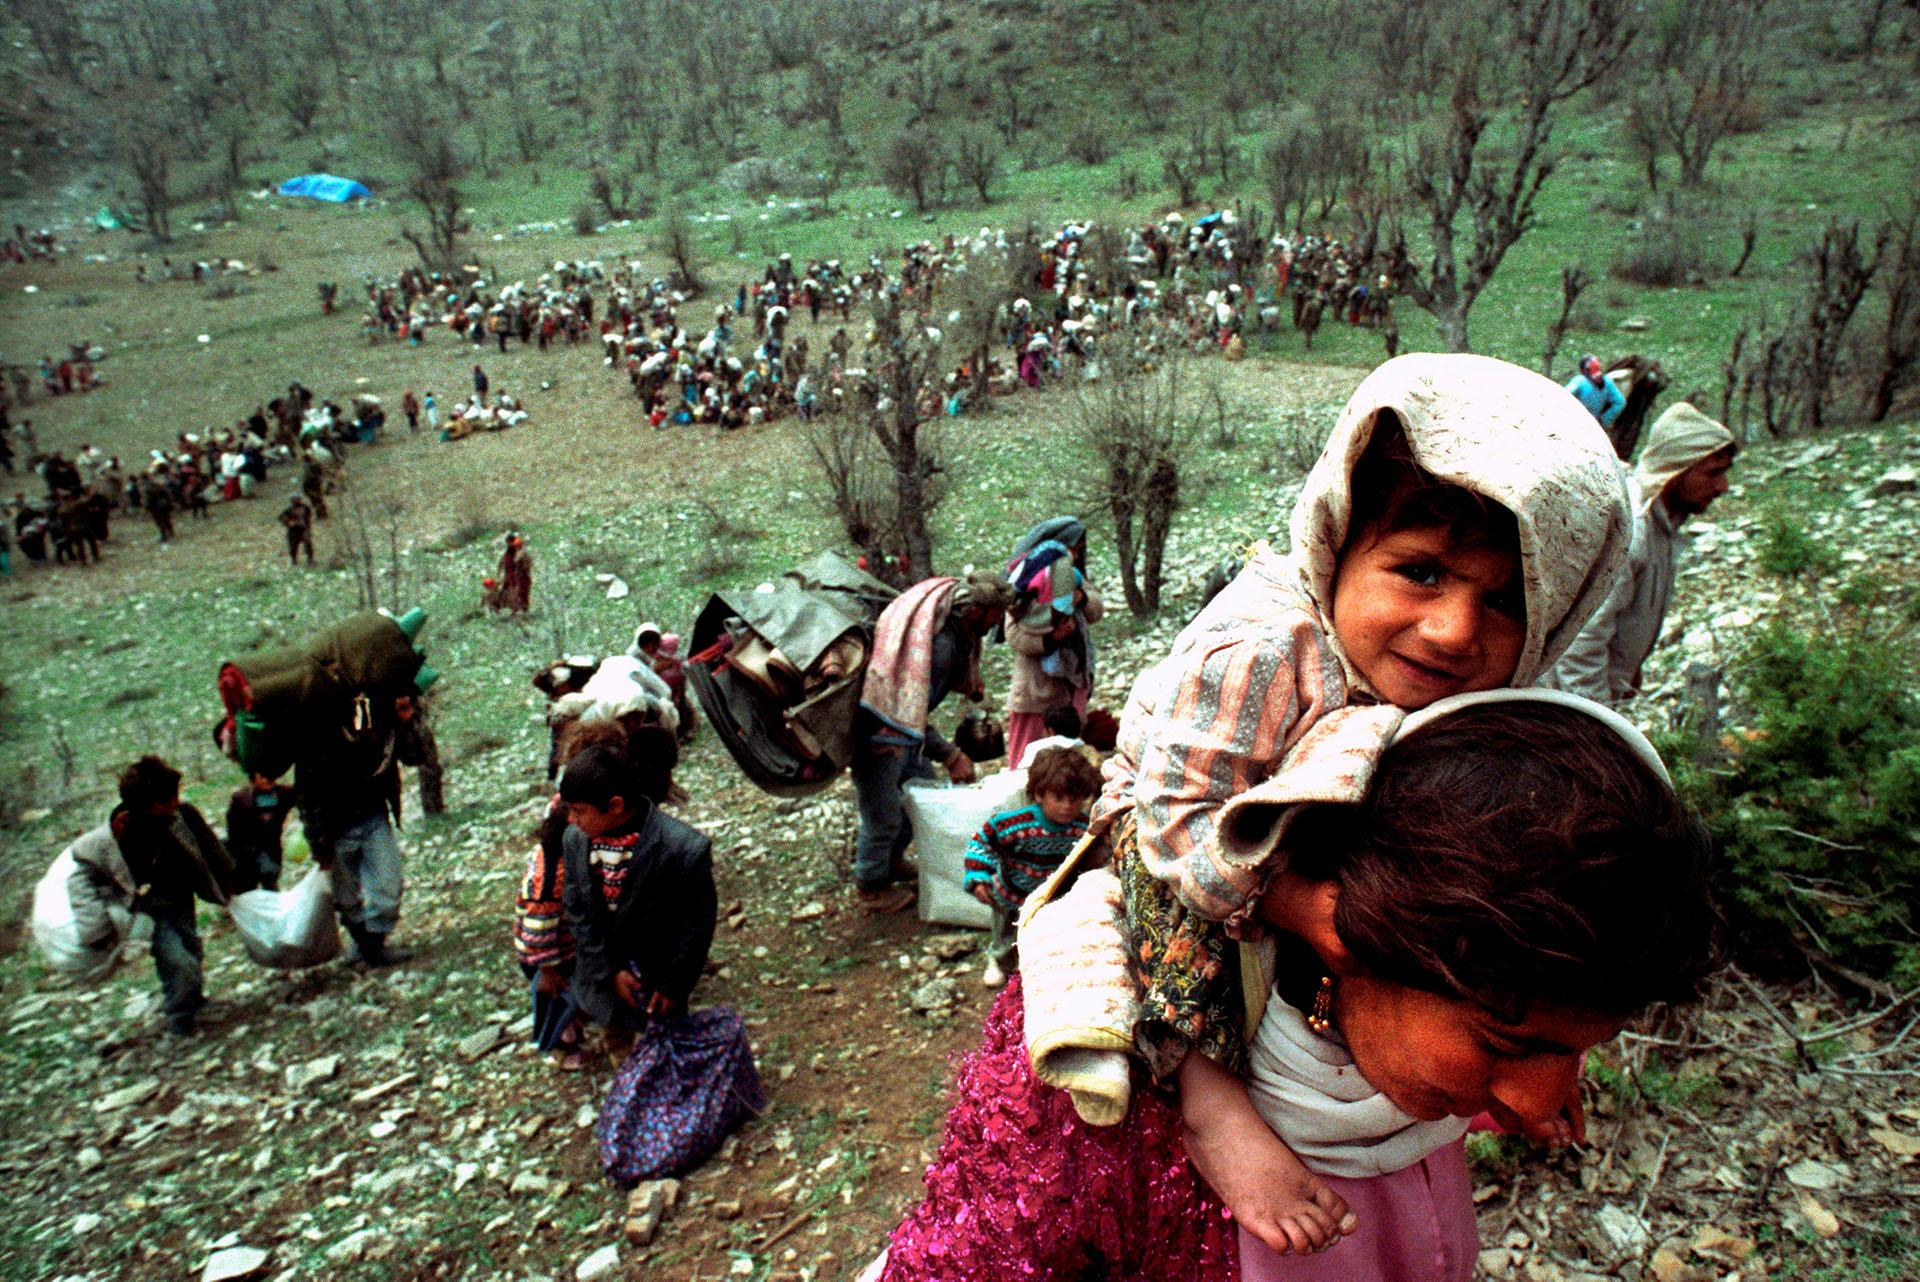 La sonrisa de una niña mientras refugiados kurdos escapan en la frontera entre Irak y Turquía, en abril de 1992